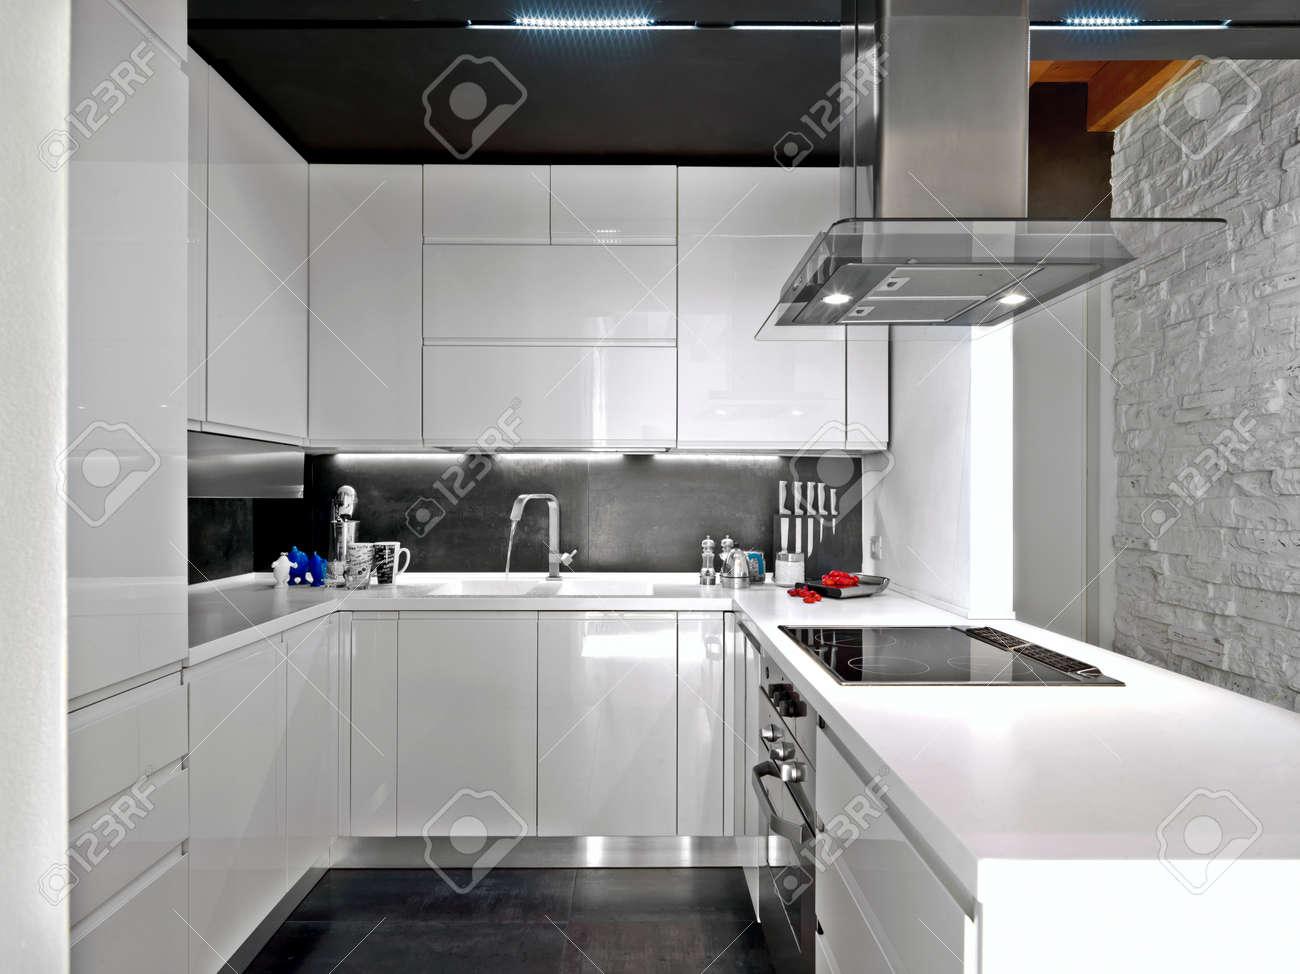 foreground of a white modern kitchen Standard-Bild - 49755030